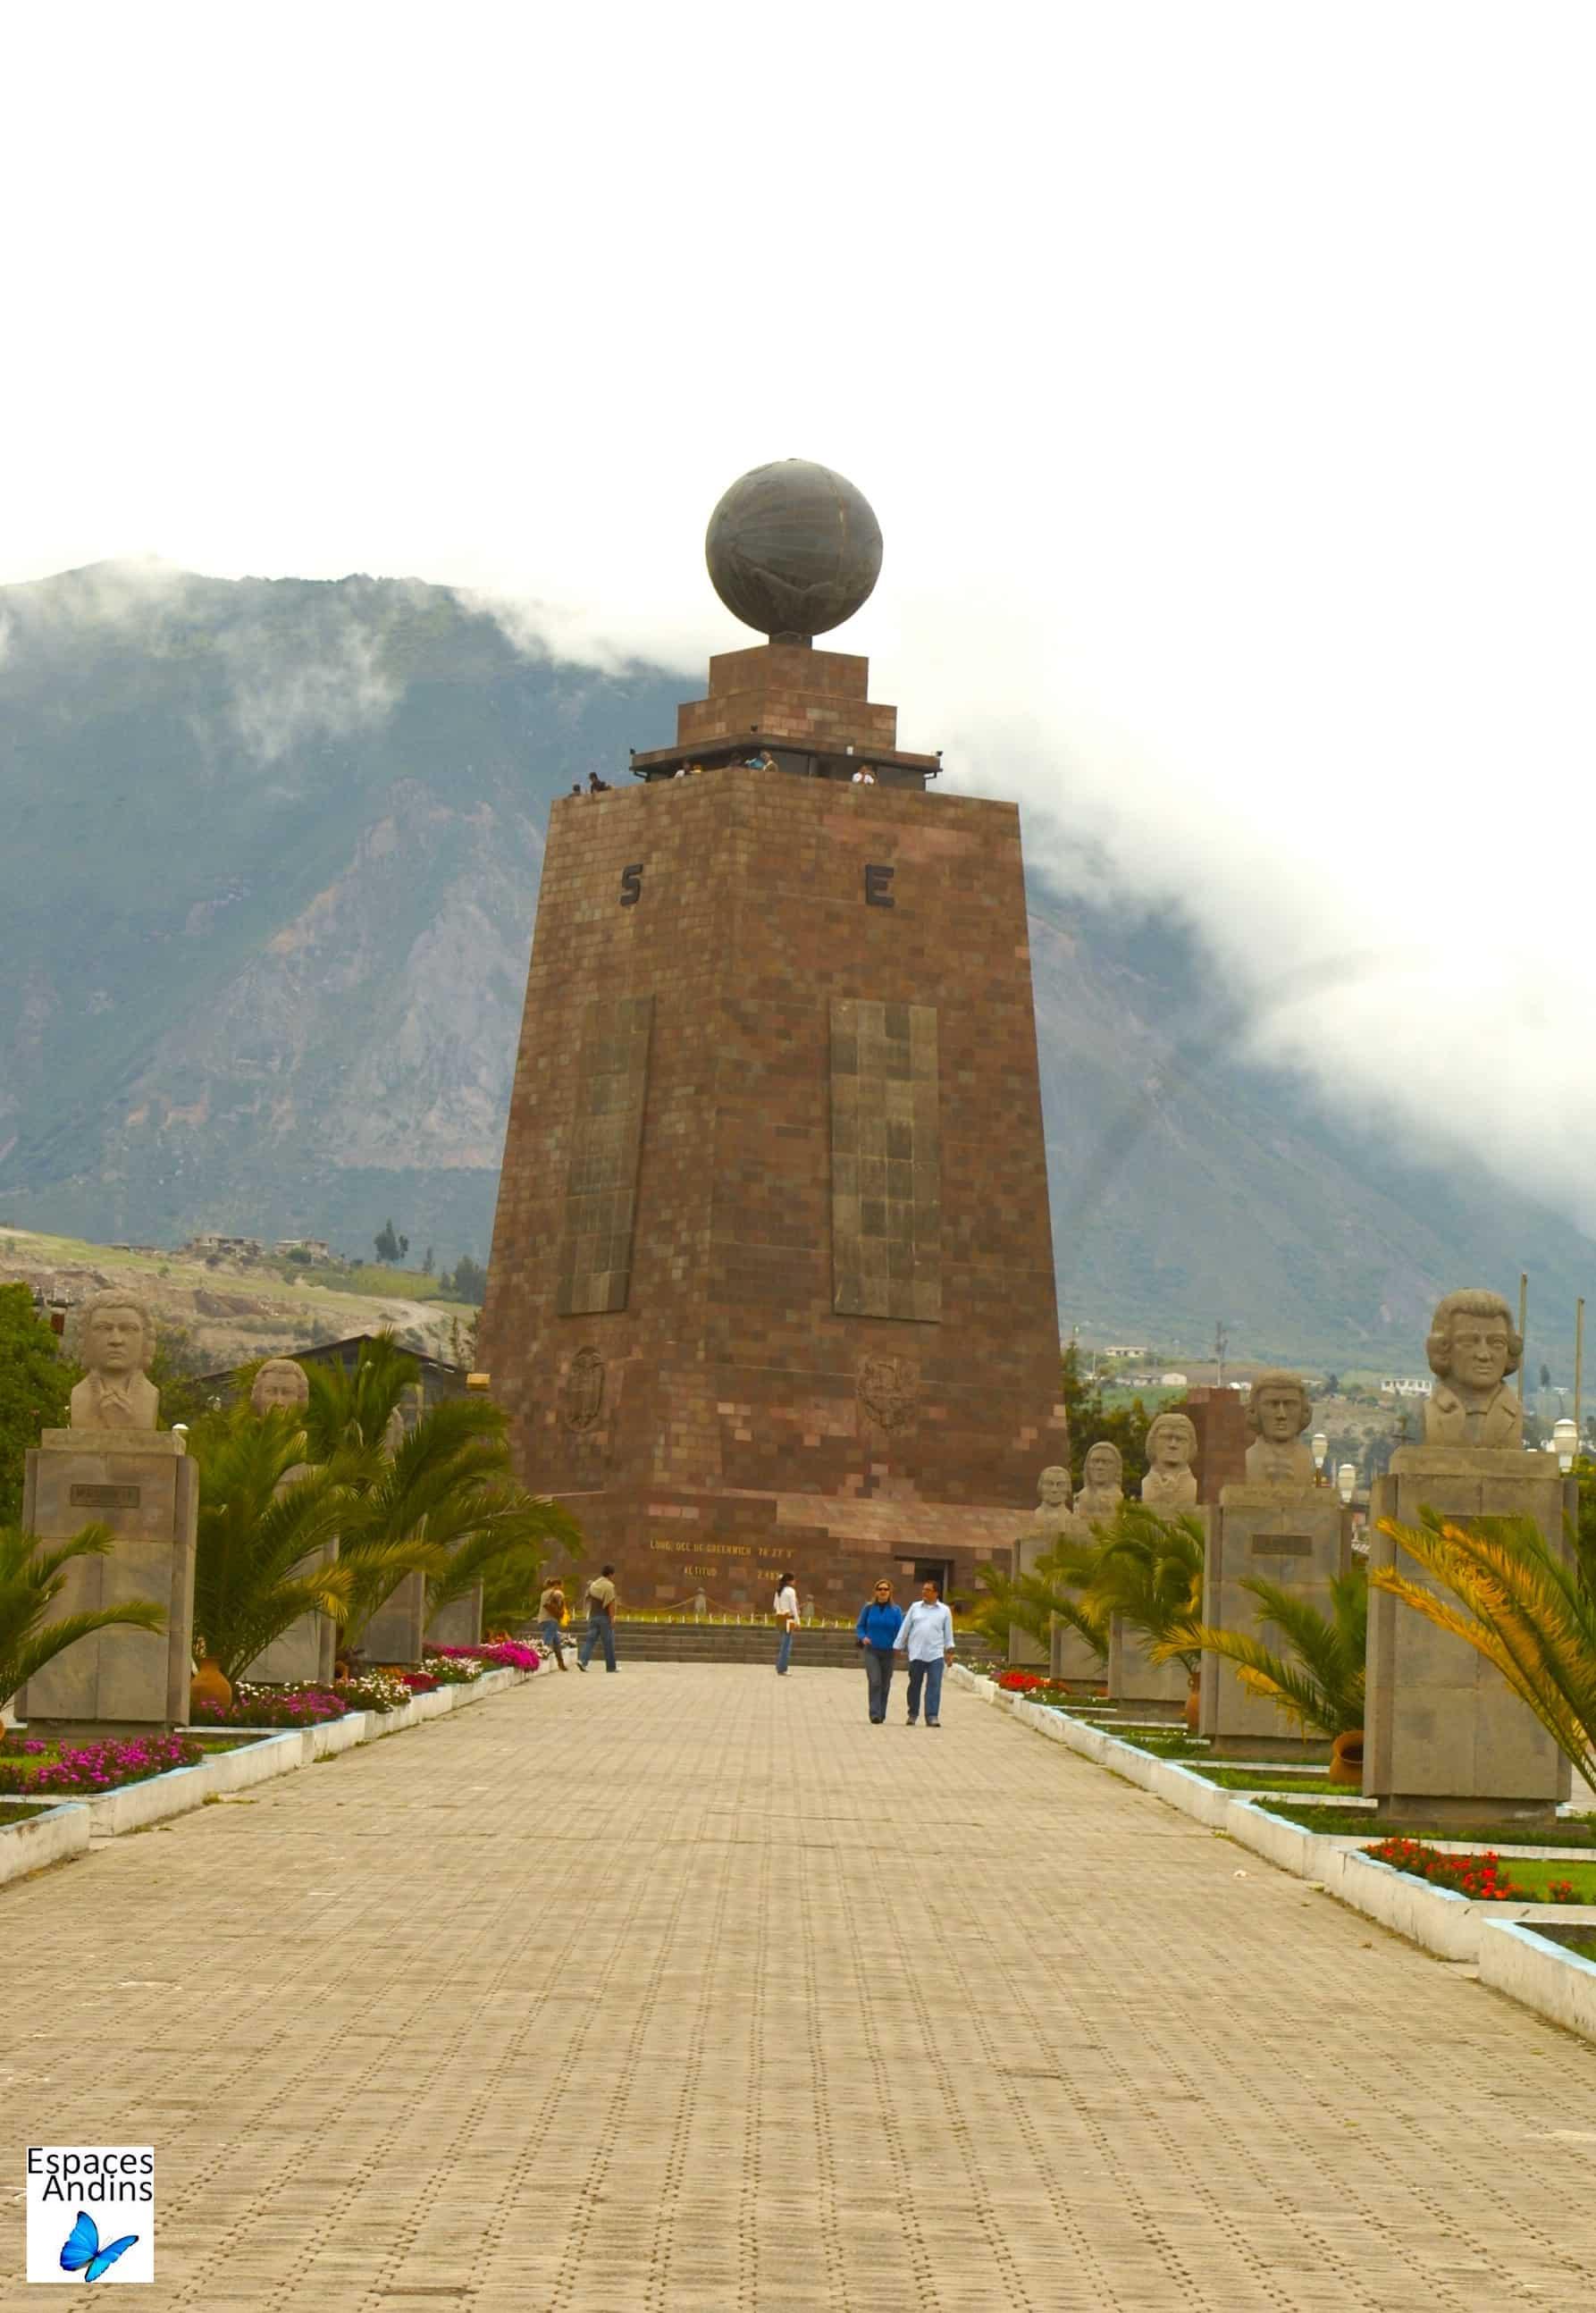 Mitad del Mundo / Photo : Espaces andins